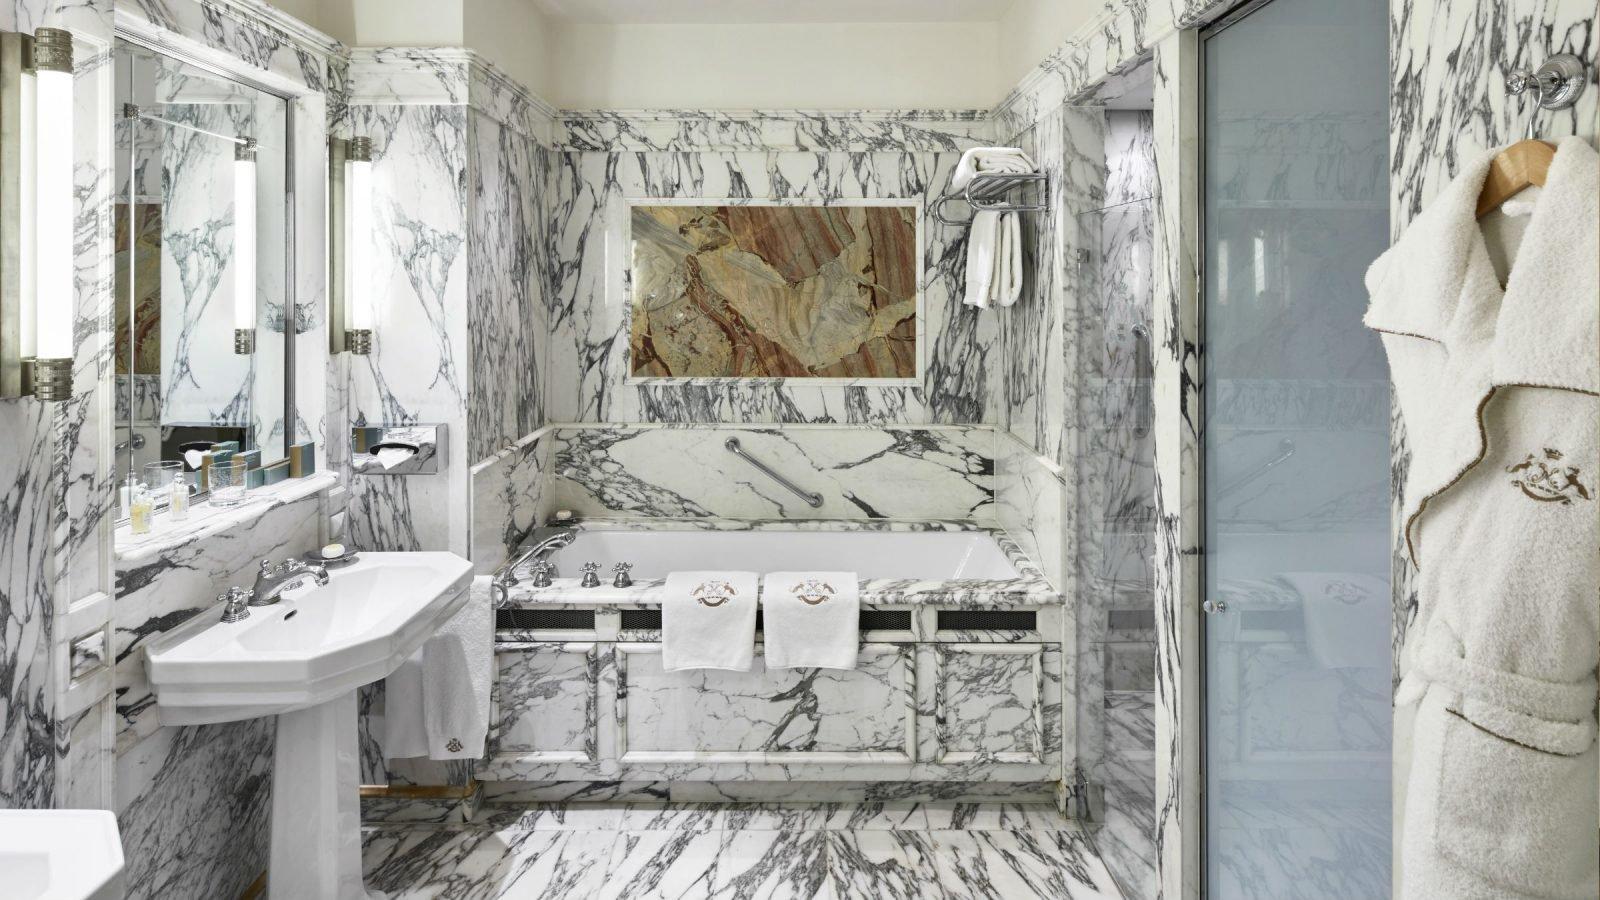 LMP-executive-suite-bathroom-landscape-1600x900